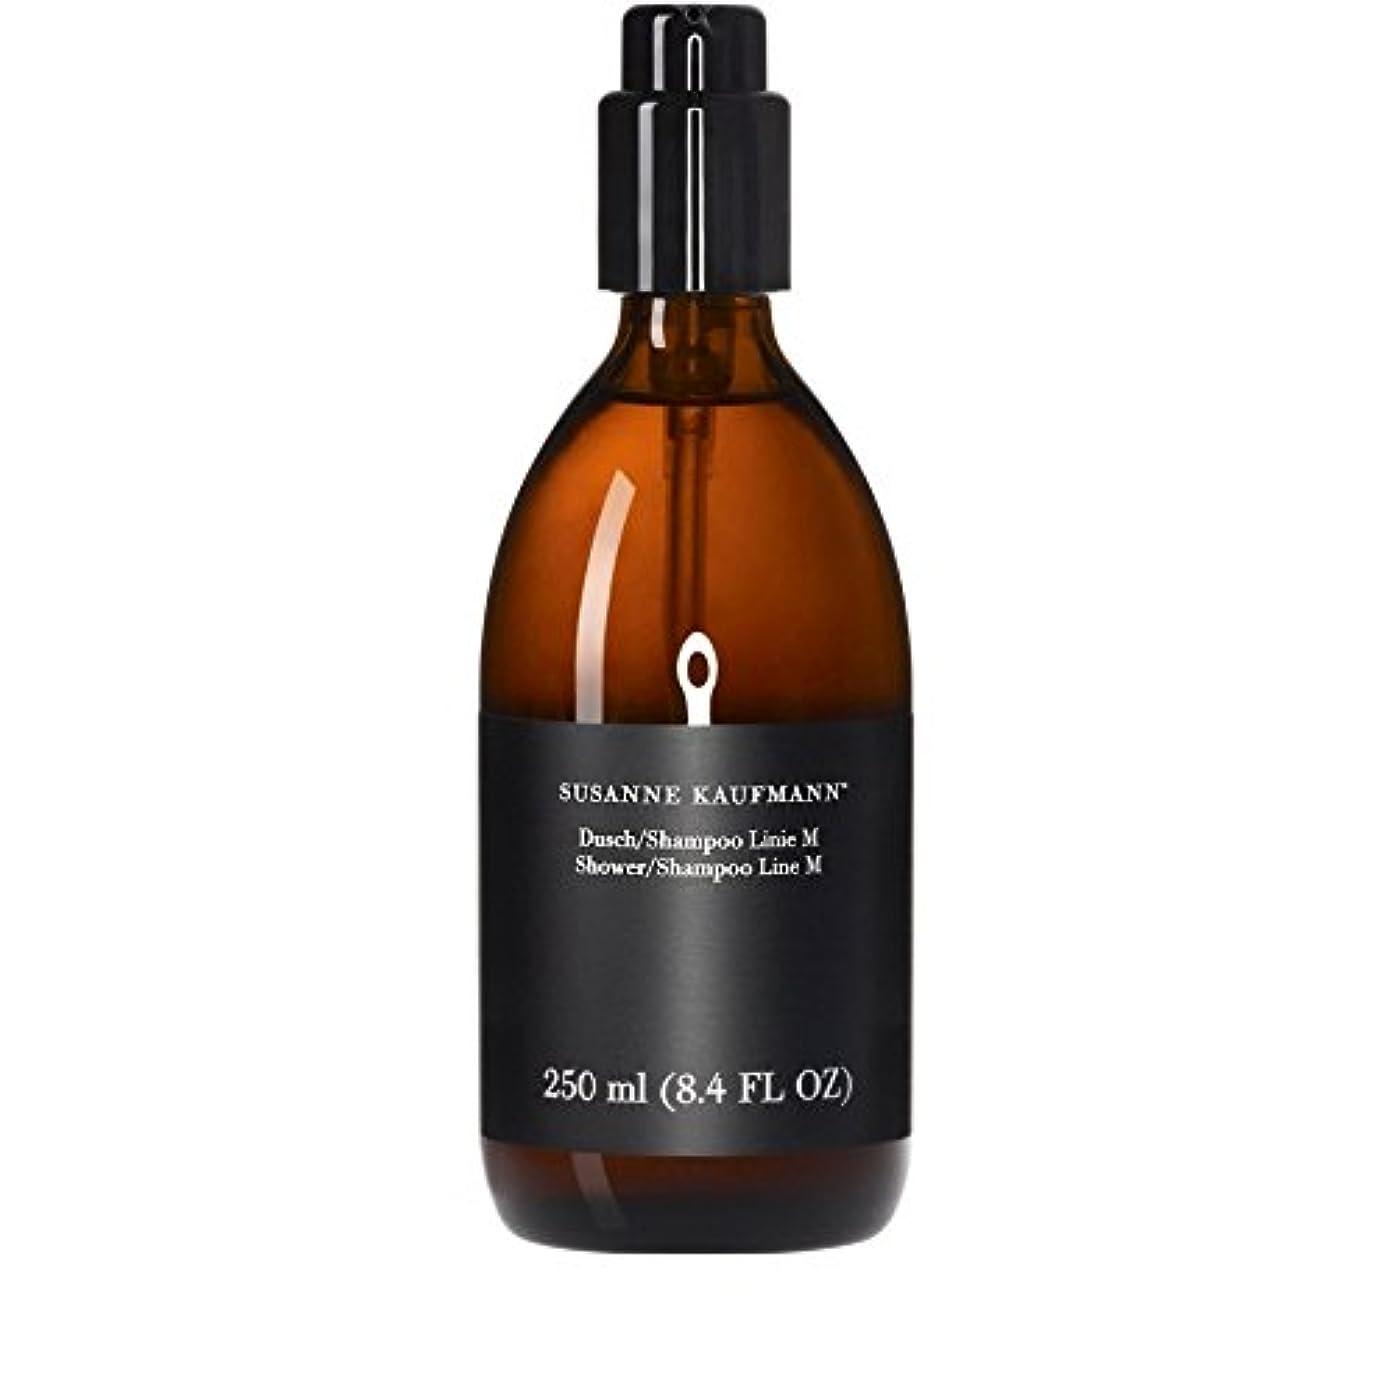 迷信レルムケイ素男性のためのスザンヌカウフマンシャワー/シャンプー250ミリリットル x2 - Susanne Kaufmann Shower/Shampoo for Men 250ml (Pack of 2) [並行輸入品]